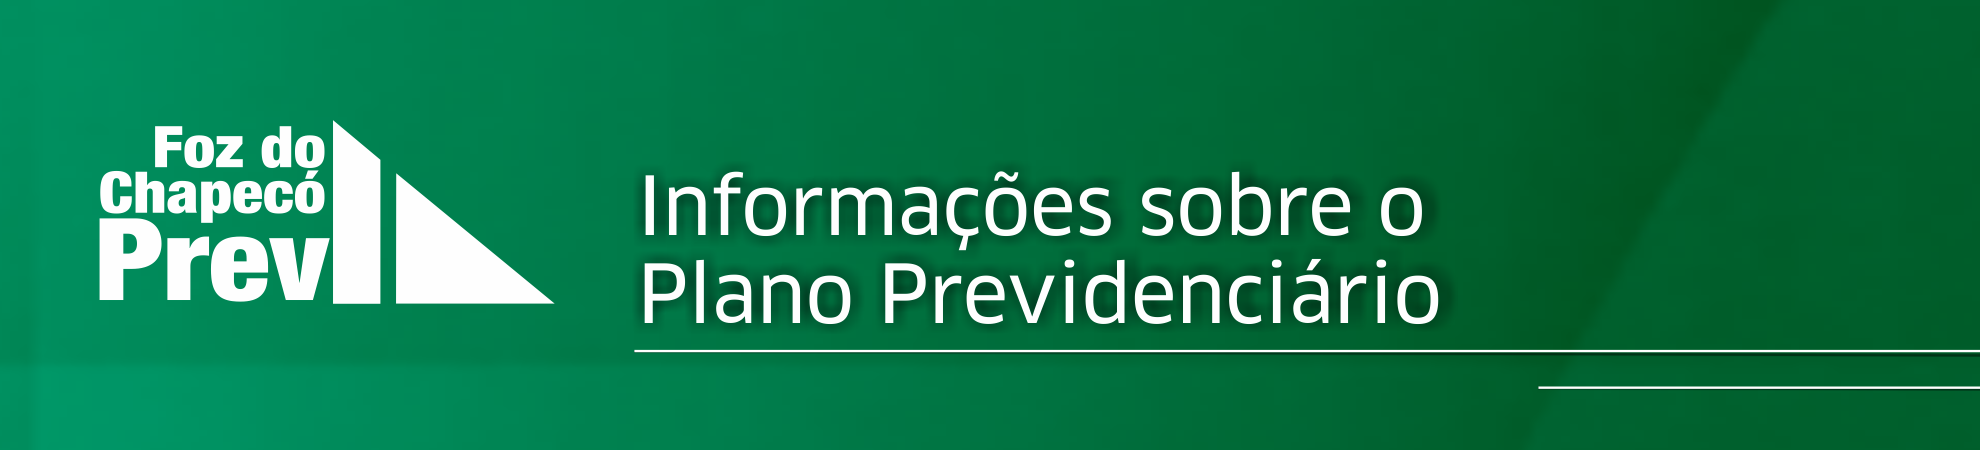 cabecalho_informacoes_foz